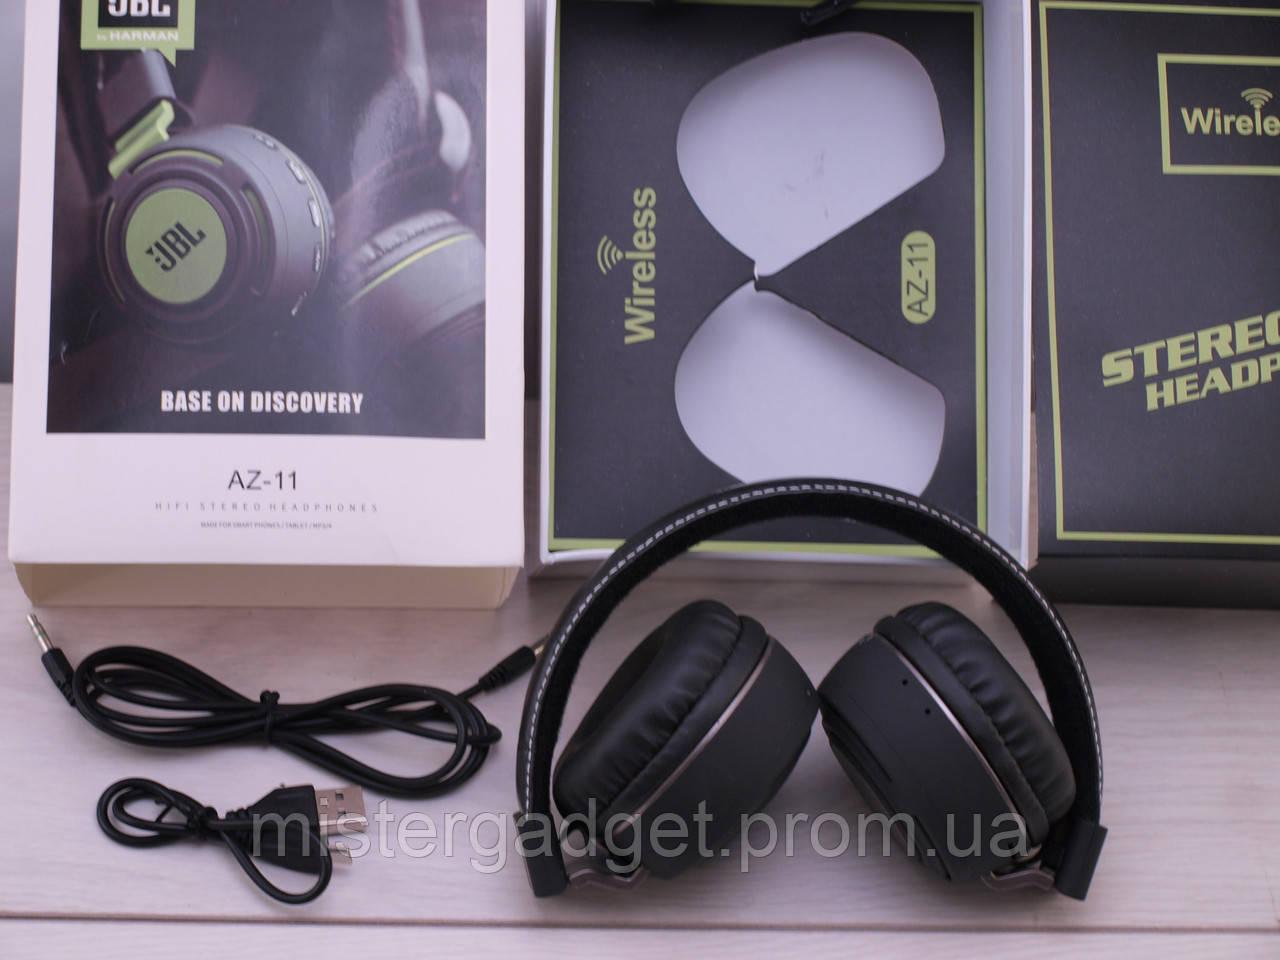 Беспроводные наушники AZ-11 Wireless с Bluetooth